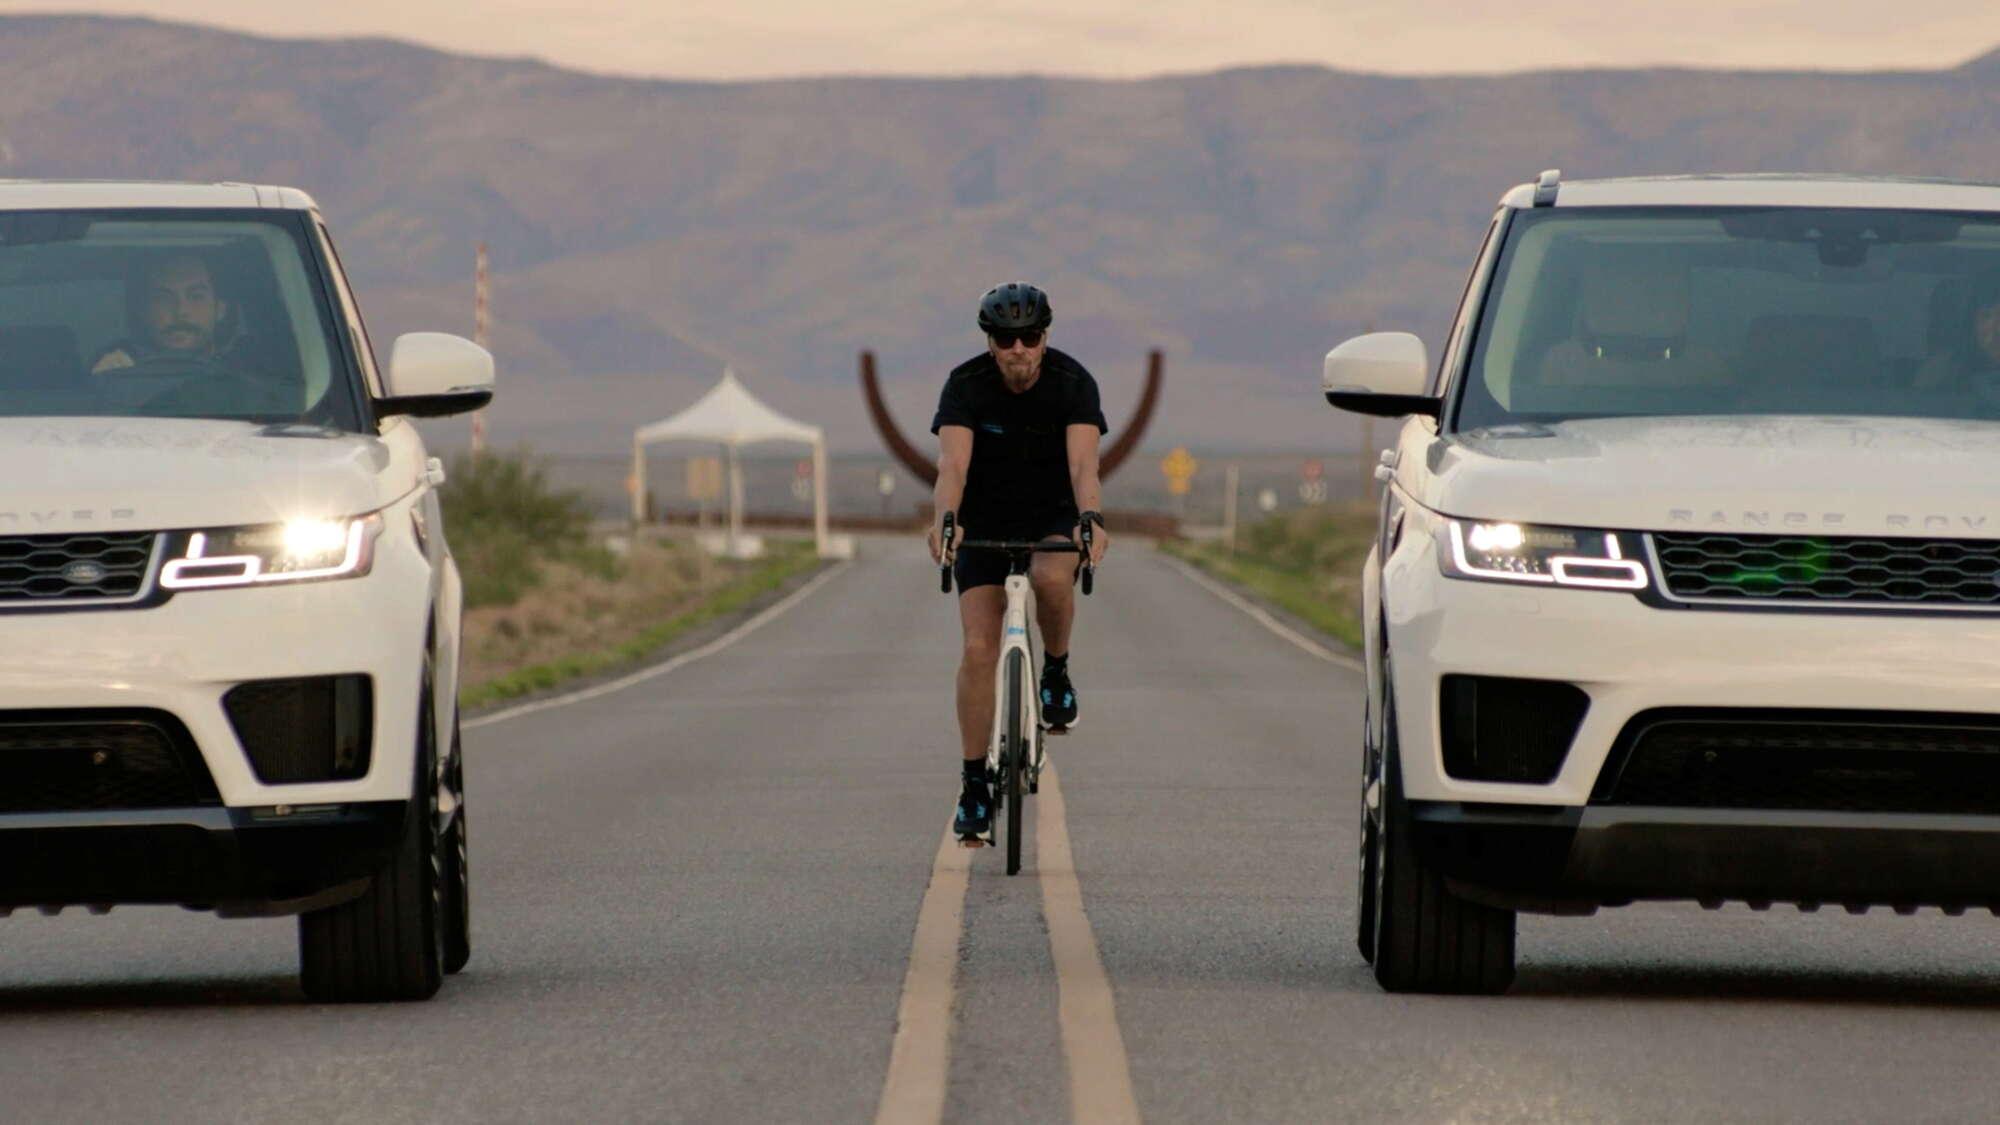 Ο Ρίτσαρντ Μπράνσον φτάνει με ποδήλατο στο σημείο στο Διαστημοδρόμιο του Νέου Μεξικού για την απογείωση